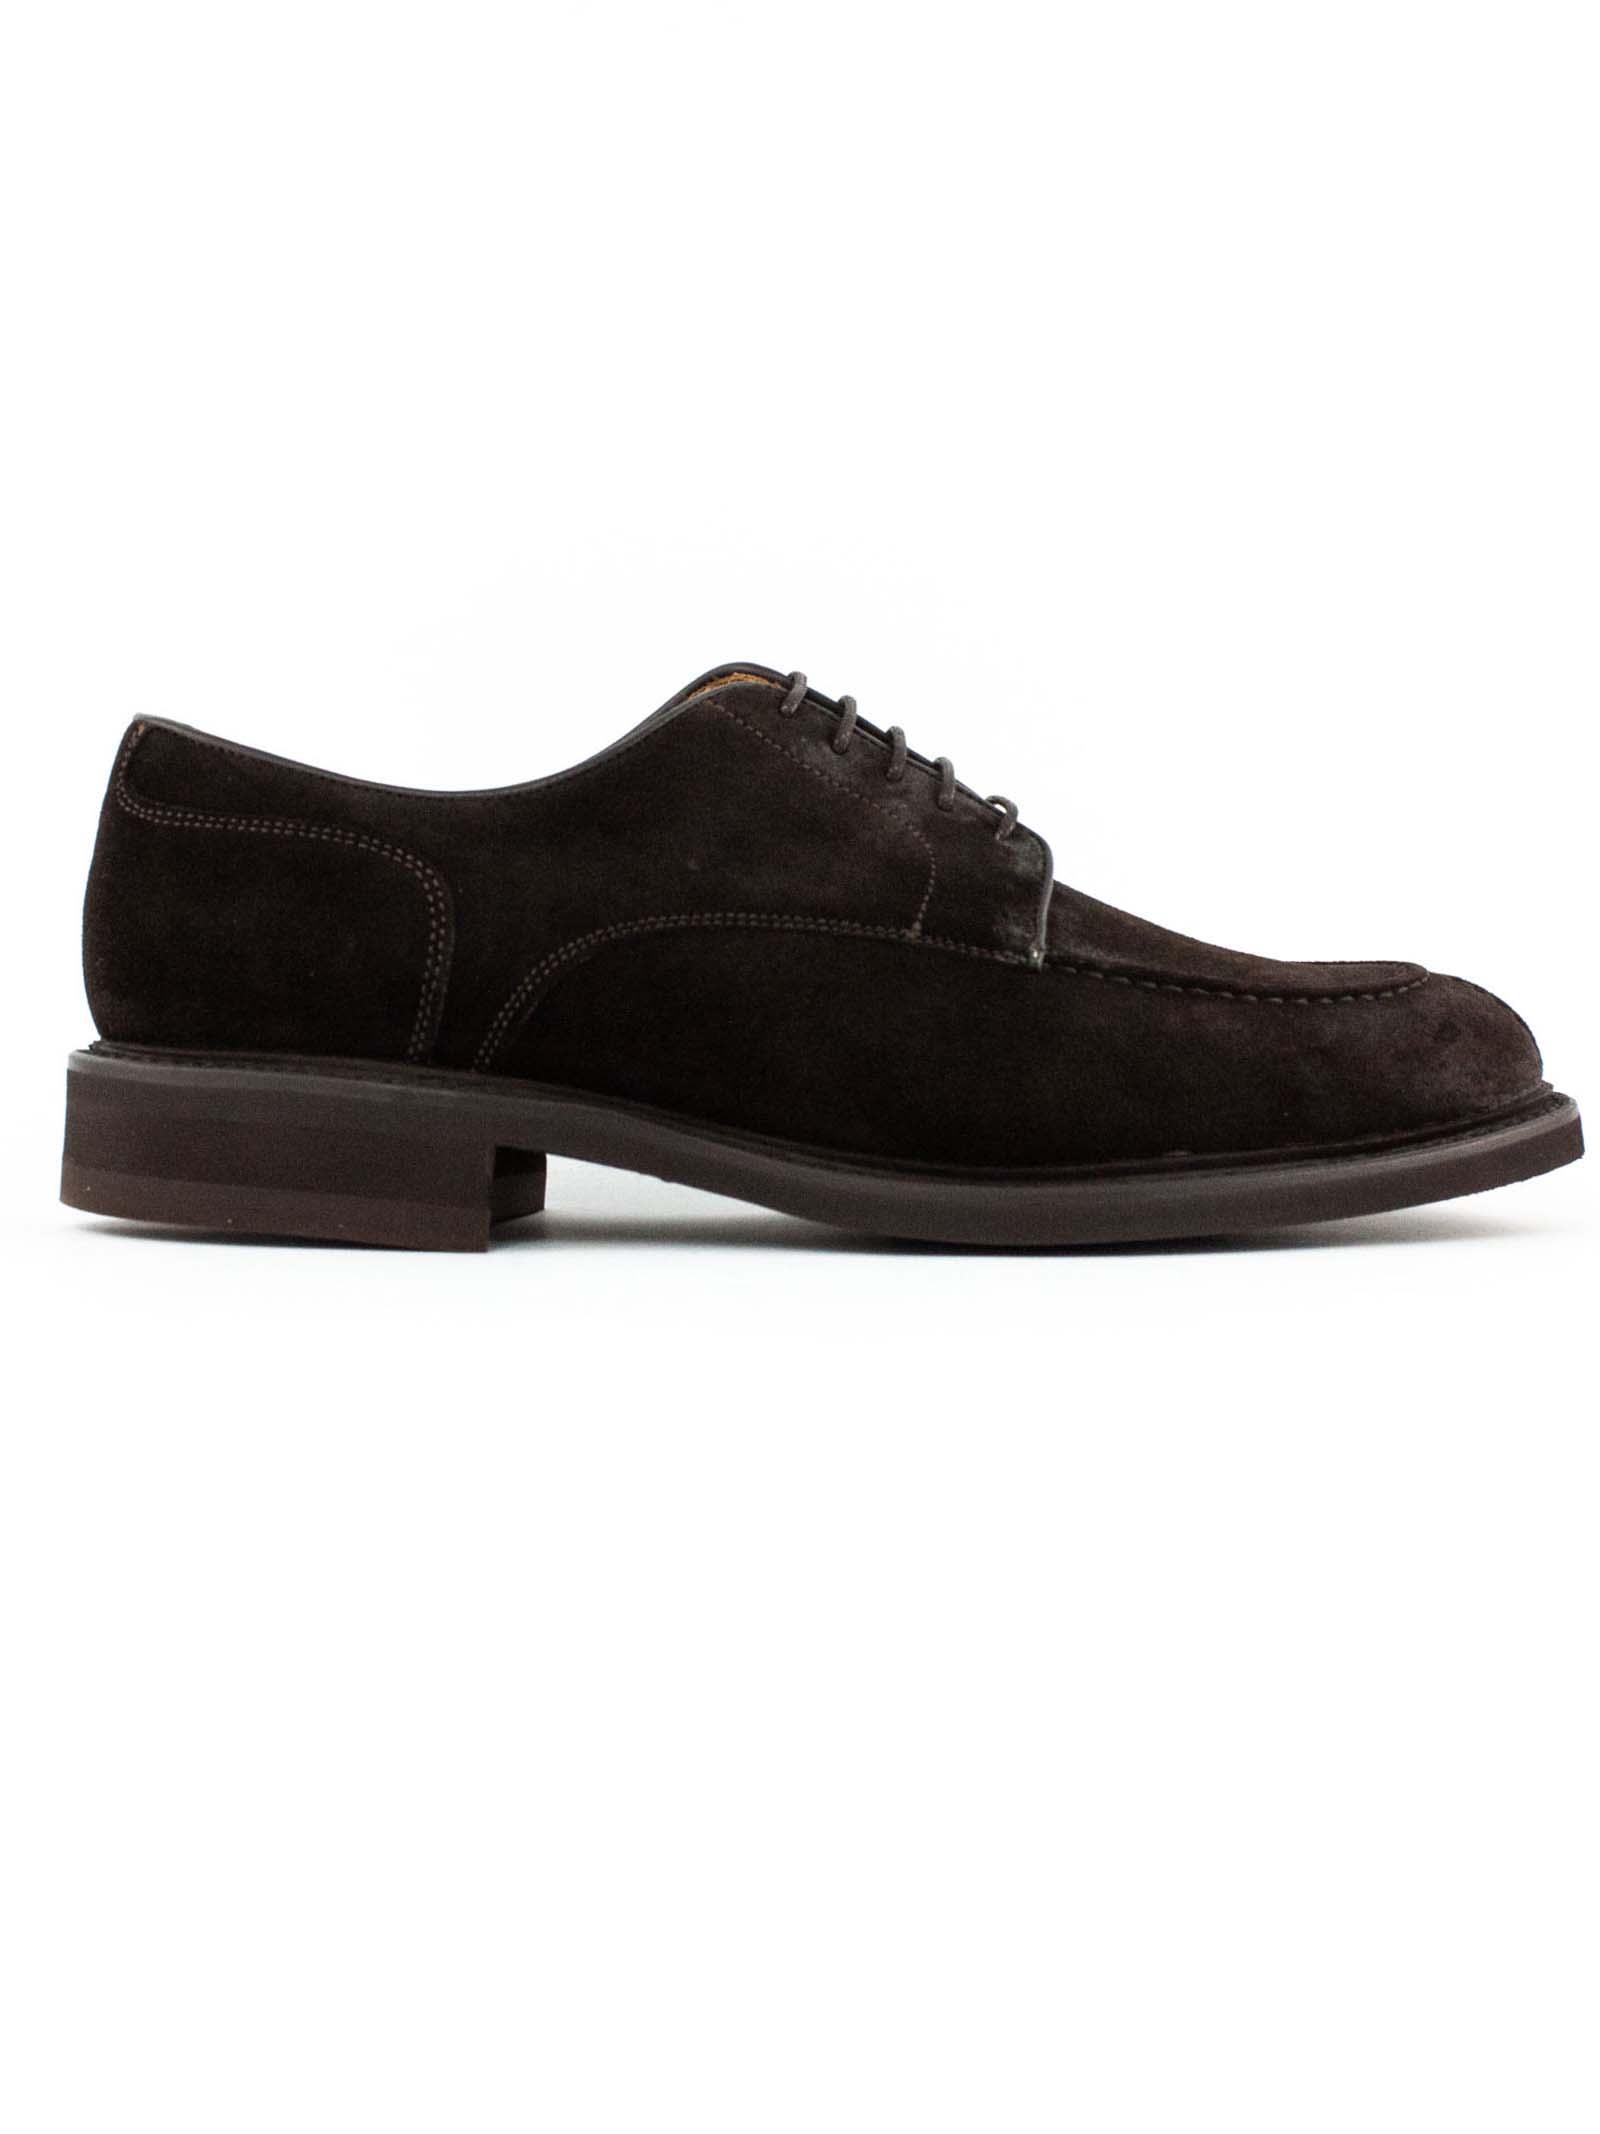 1707 Dark Brown Derby Shoes